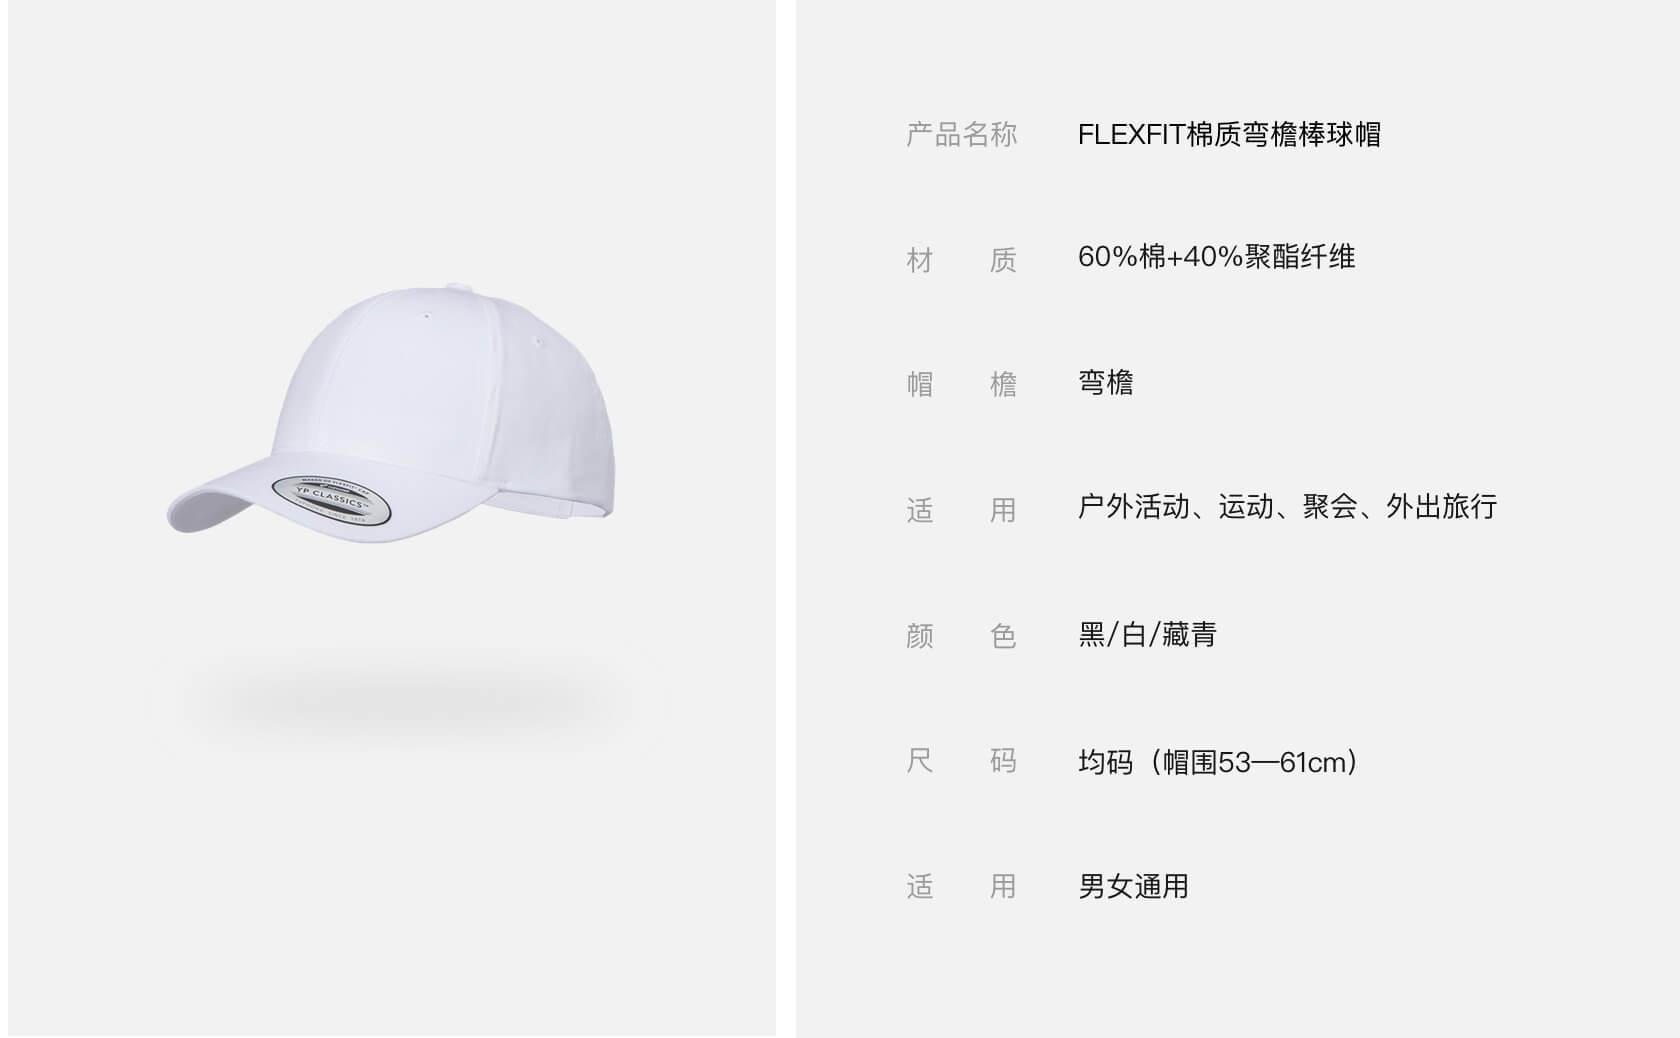 定制FLEXFIT经典全棉弯檐名牌棒球帽